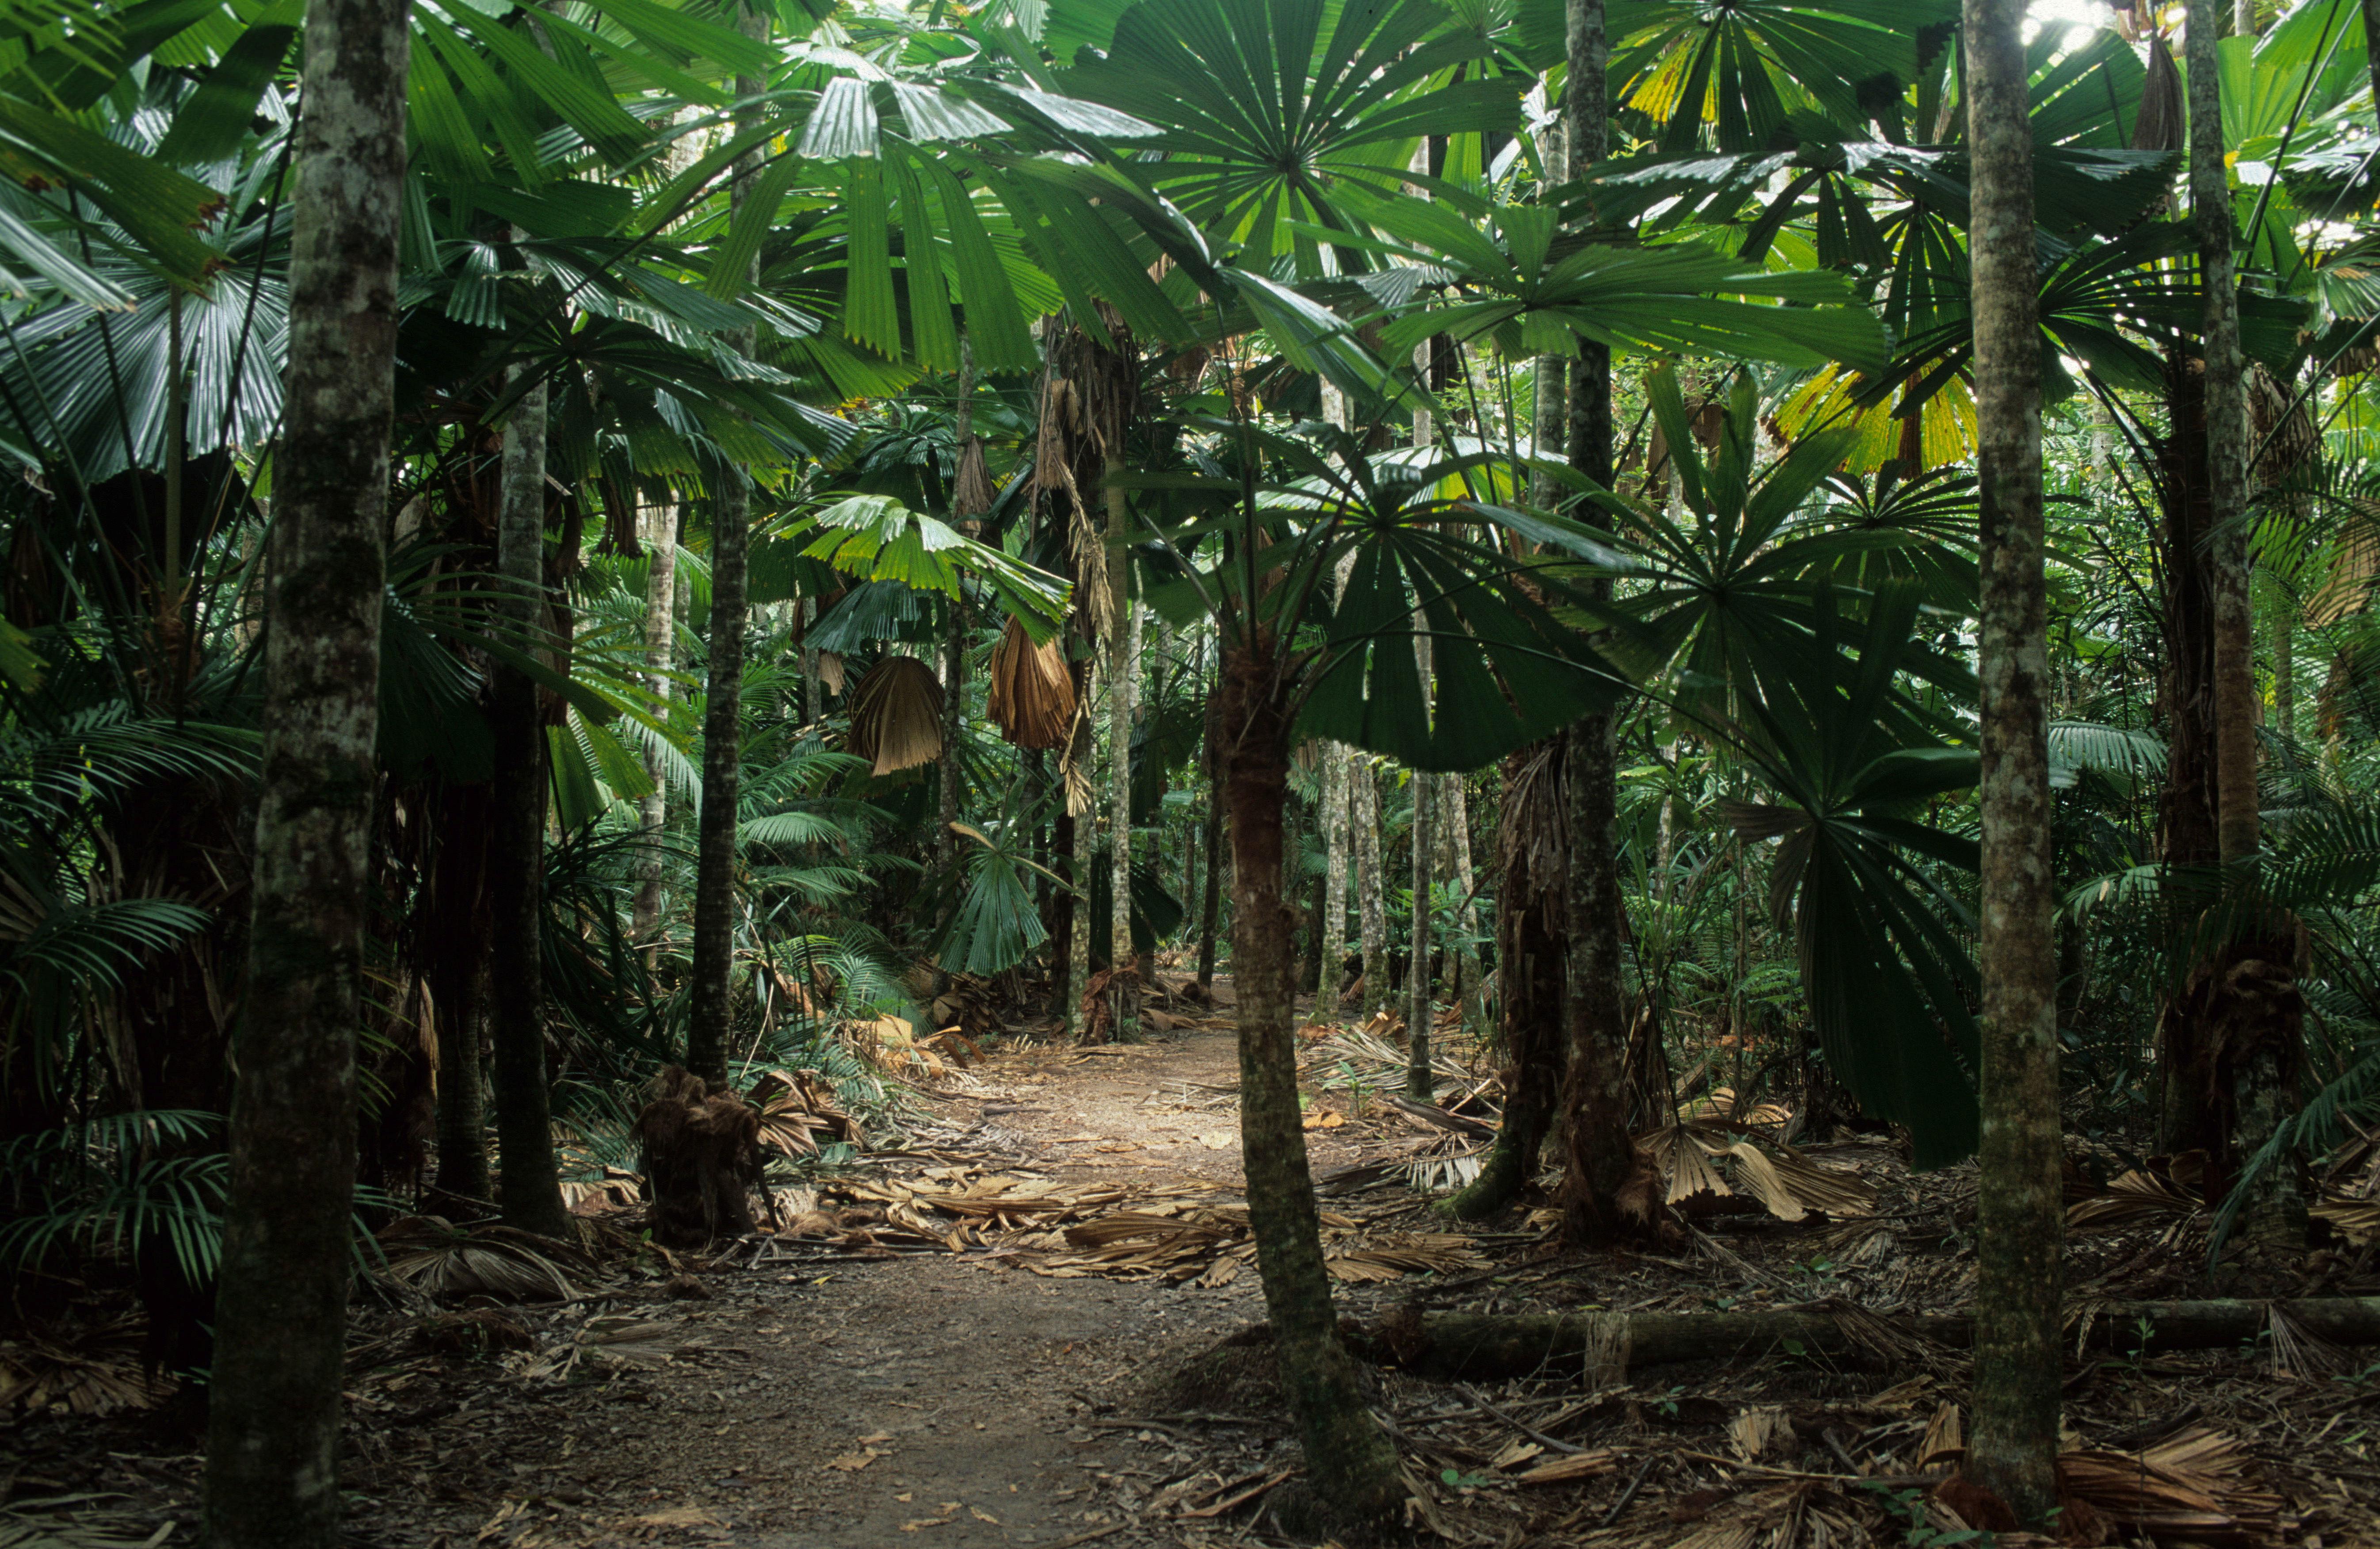 Licuala ramsayi